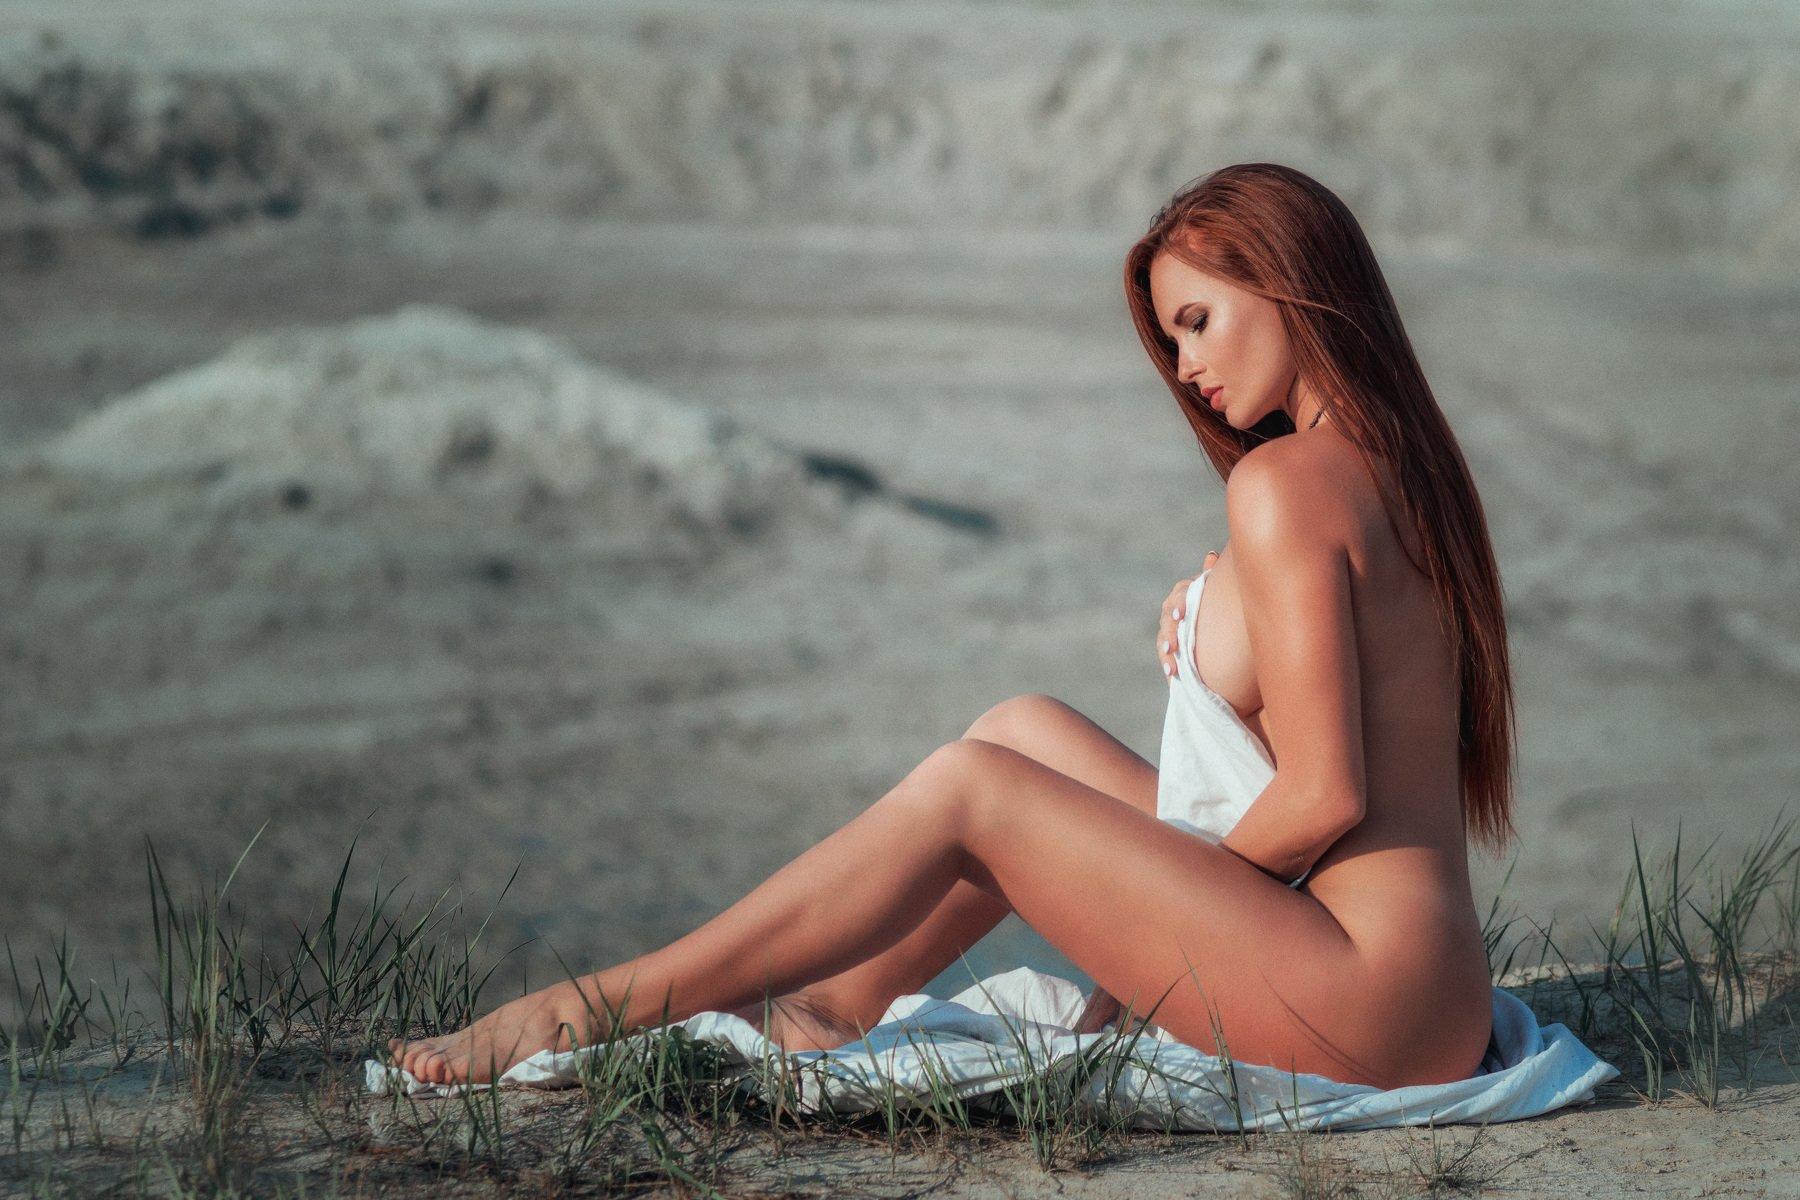 ню портрет арт portrait art nude model imwarrior, Ирина Манохина